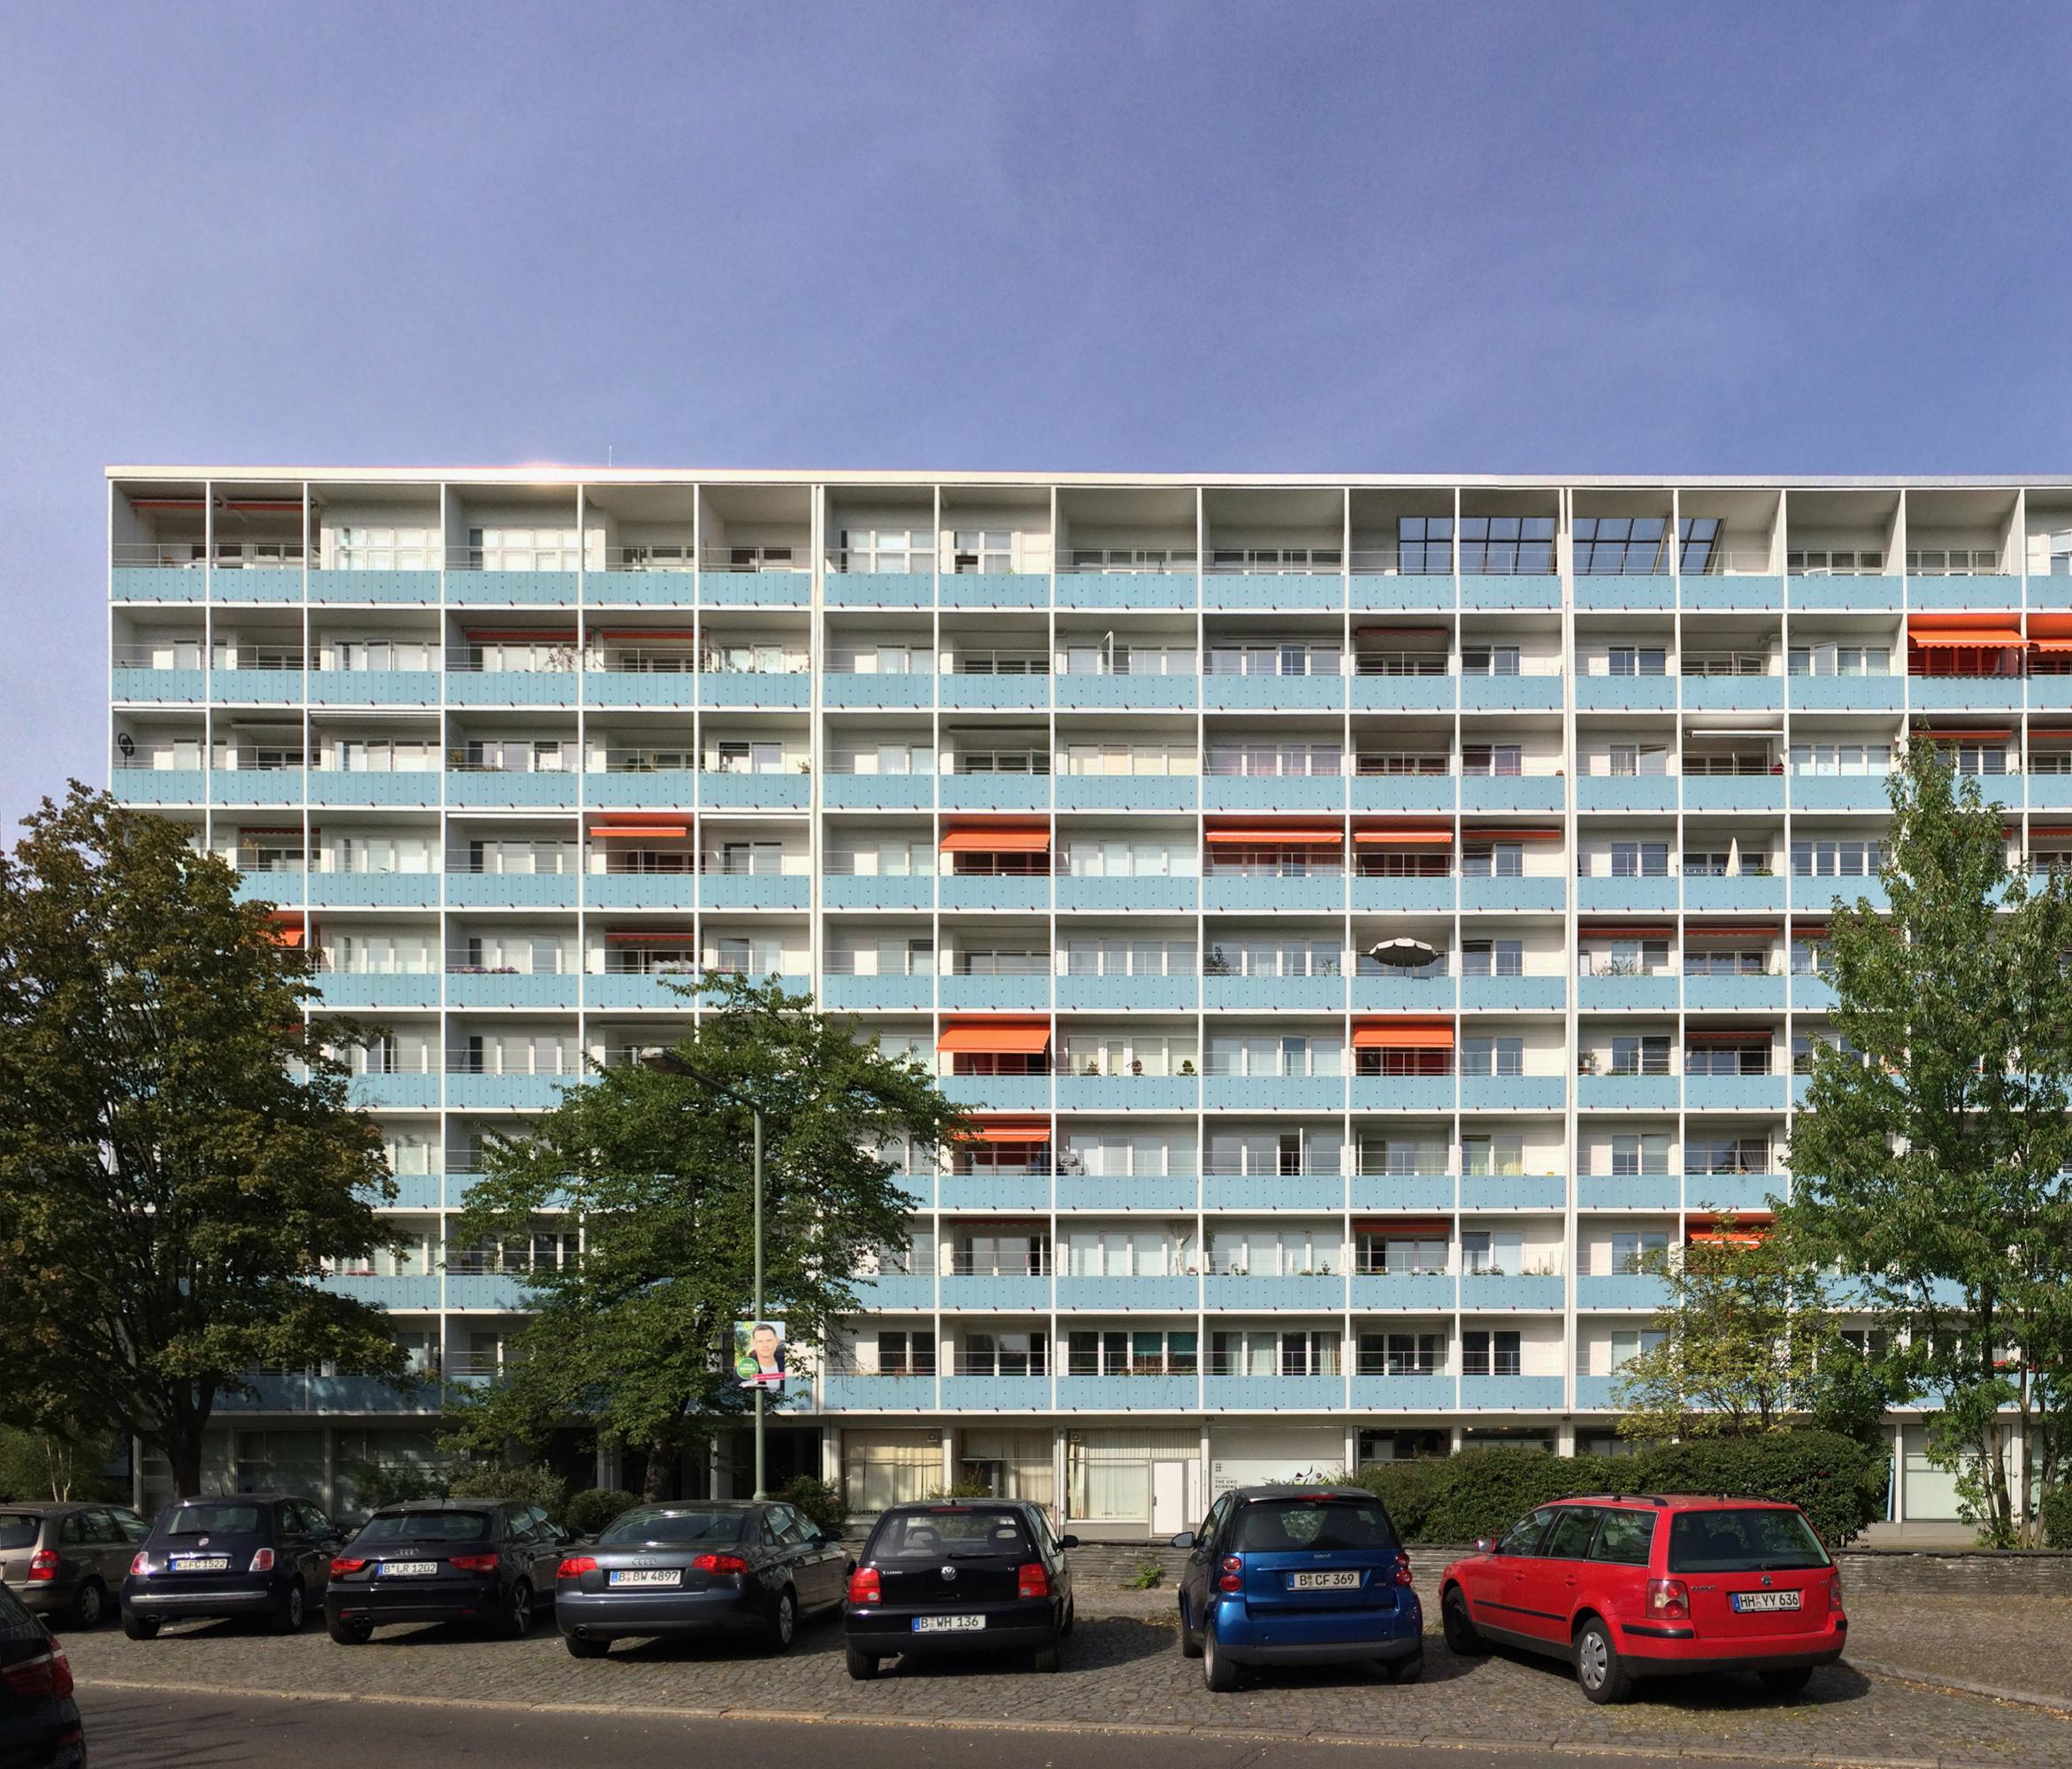 Schwedenhaus Berlin file hansaviertel interbau berlin tiergarten schwedenhaus jaenecke